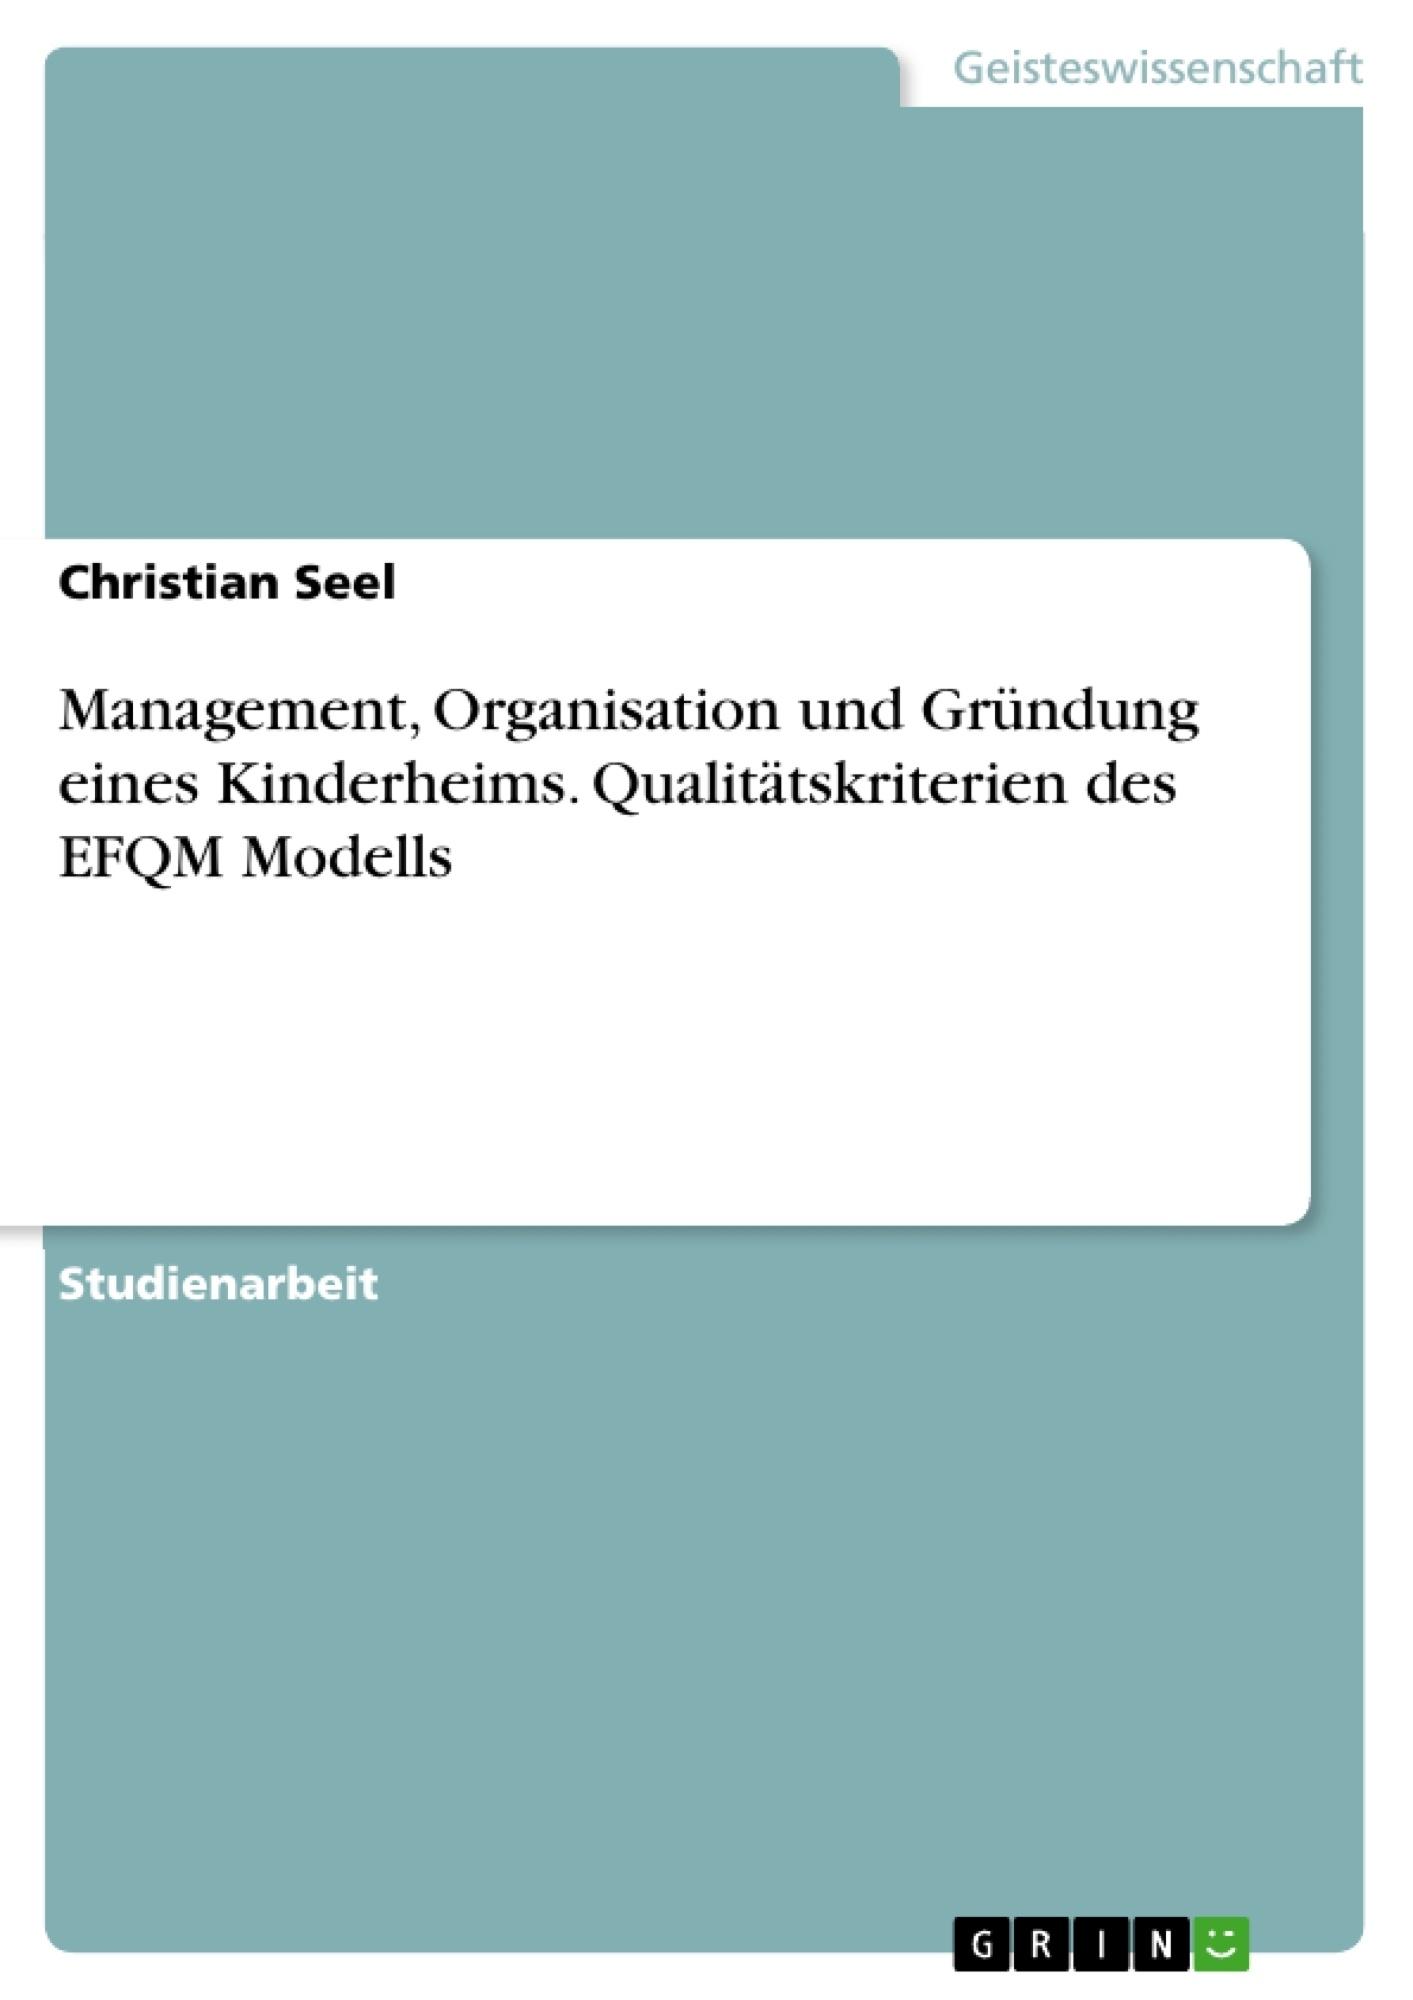 Titel: Management, Organisation und Gründung eines Kinderheims. Qualitätskriterien des EFQM Modells